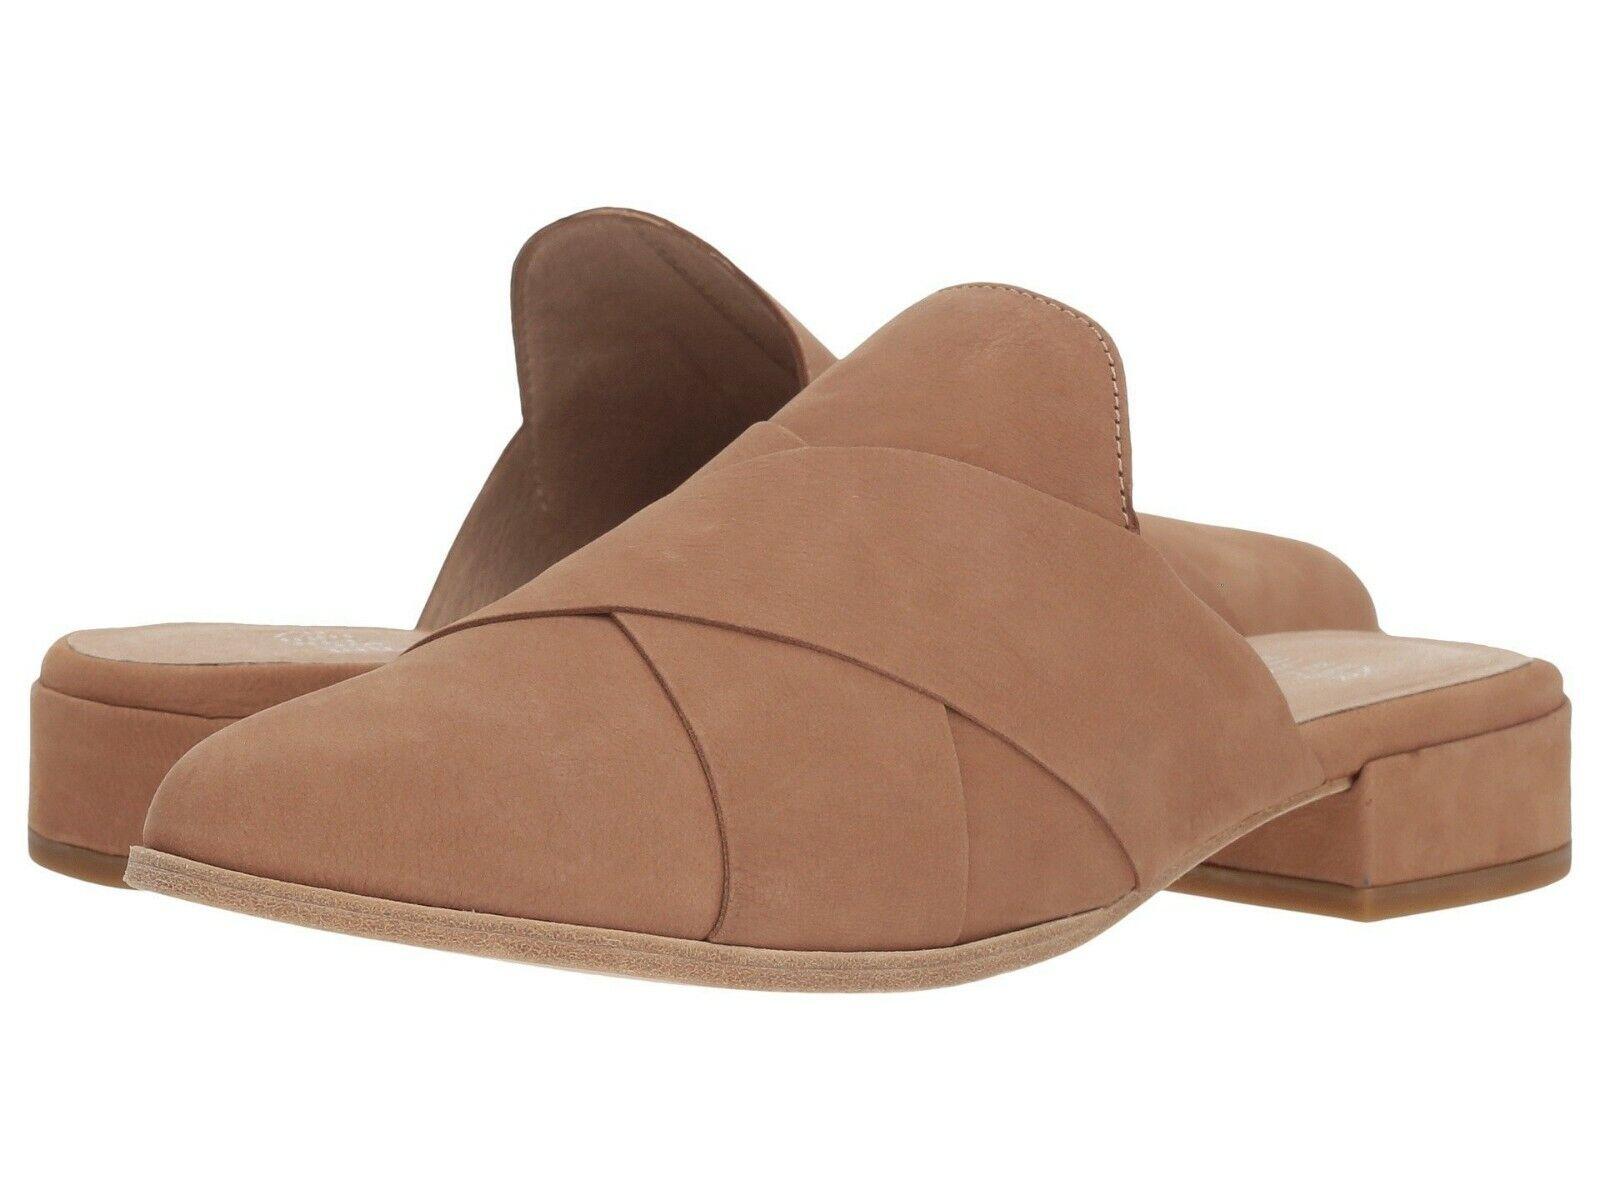 Eileen Fisher Women's Bauer Mule Crisscross Flat Wheat Nubuck Leather Size 6.5